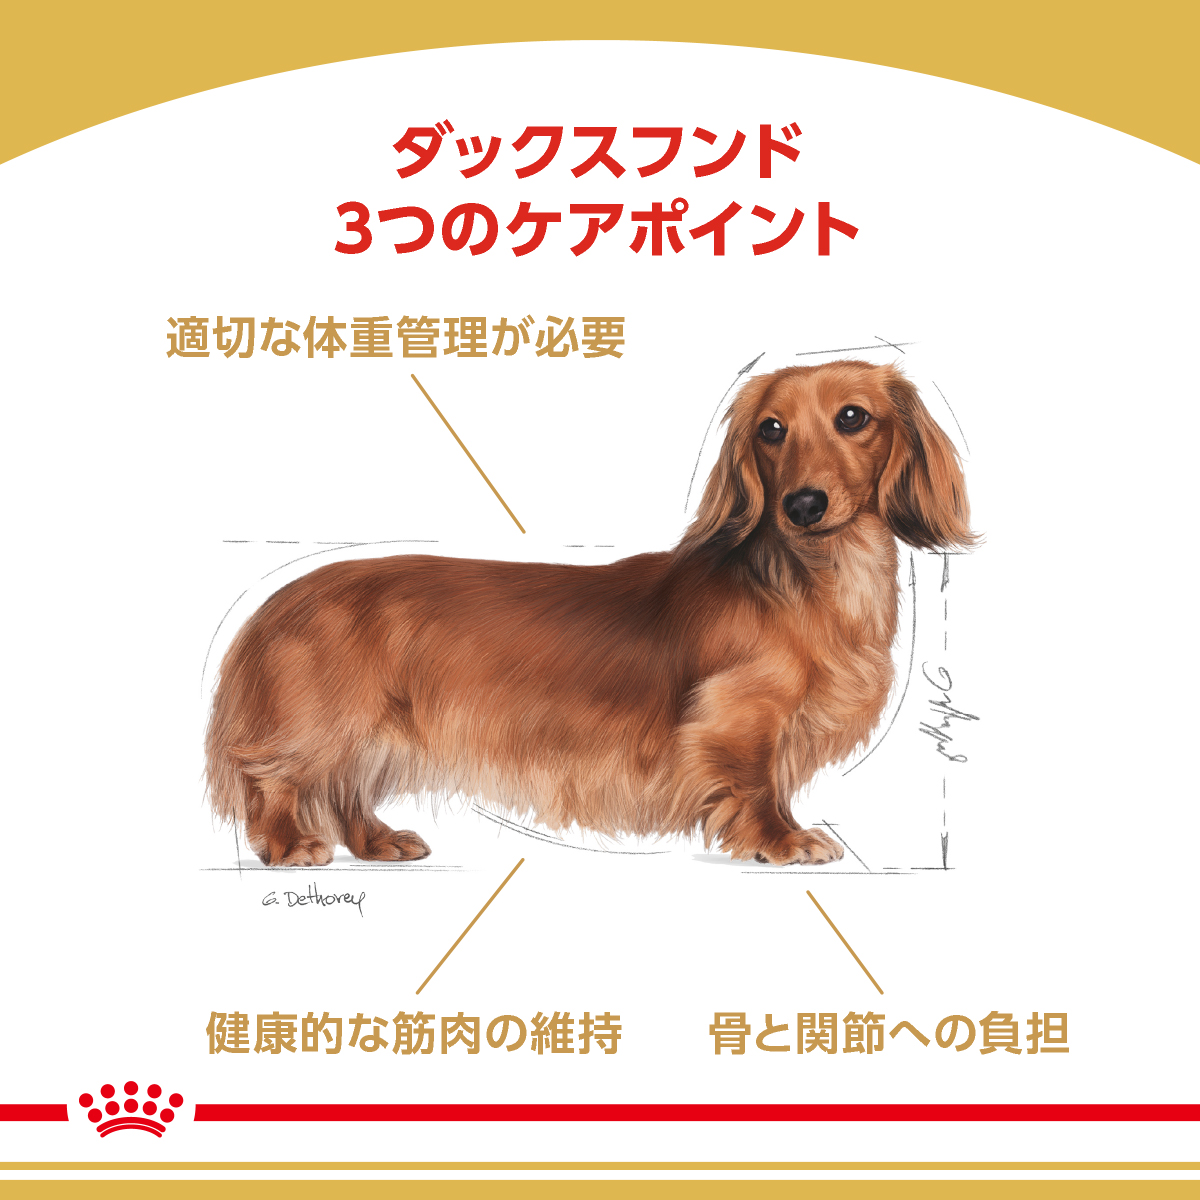 ロイヤルカナン ダックスフンド 成犬用 3kg4袋 沖縄別途送料 ジップ